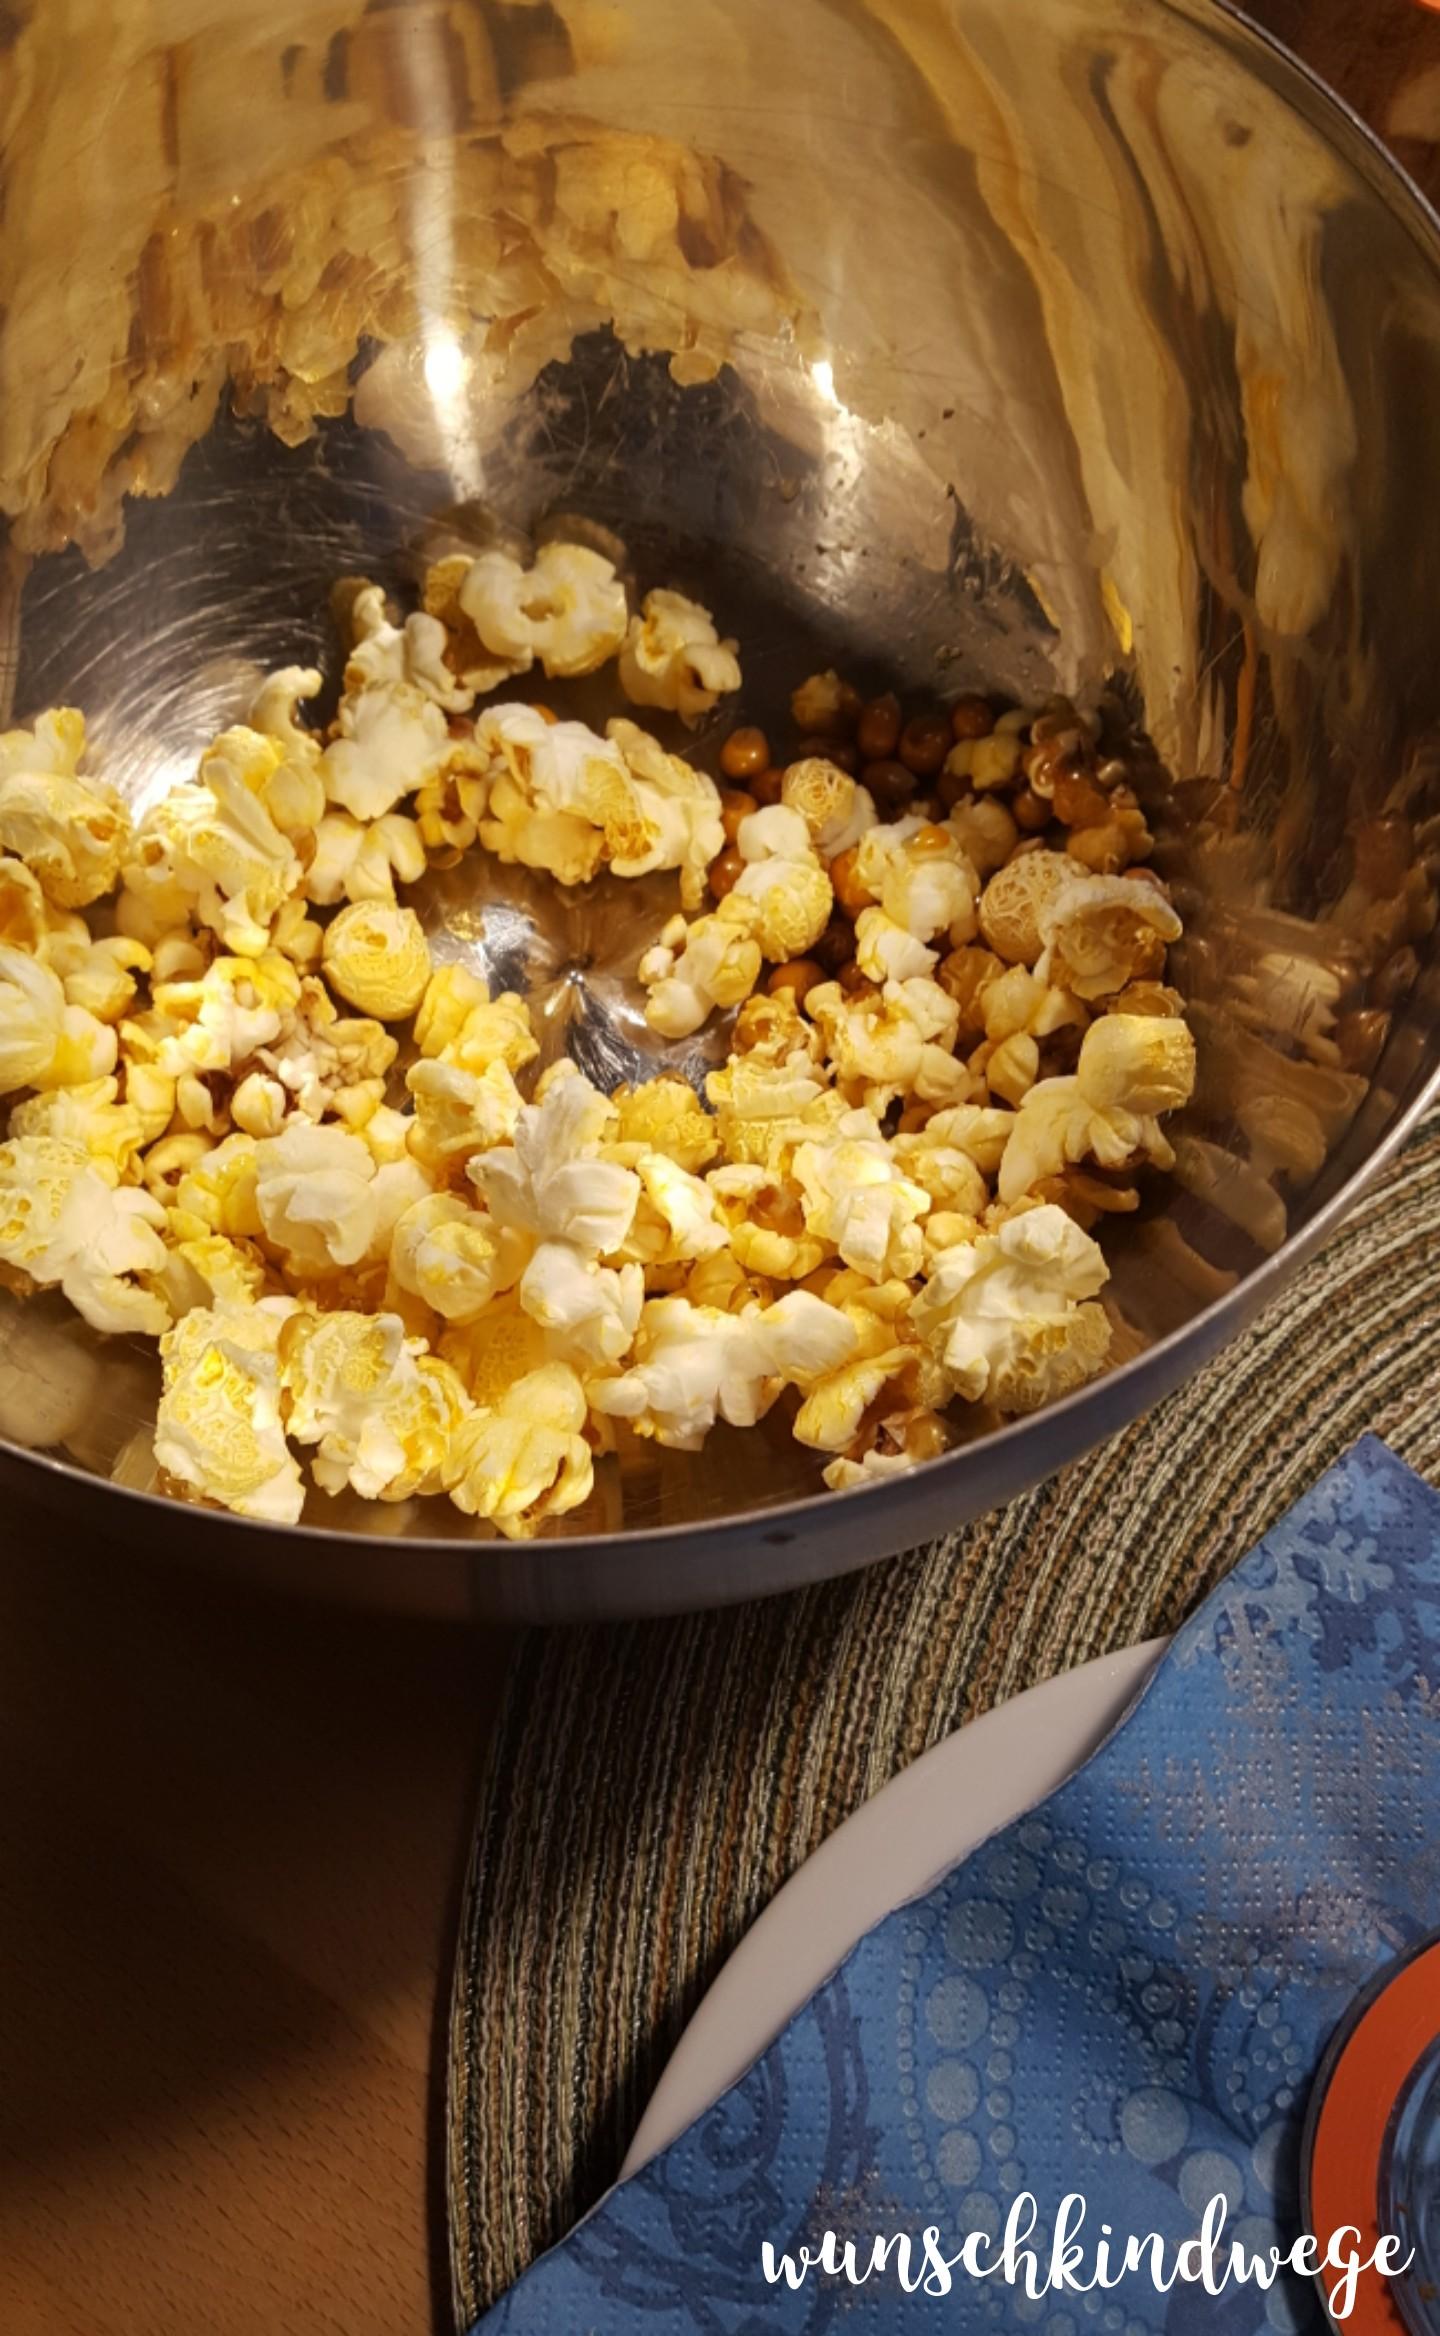 12 von 12 - November 2017 Popcorn